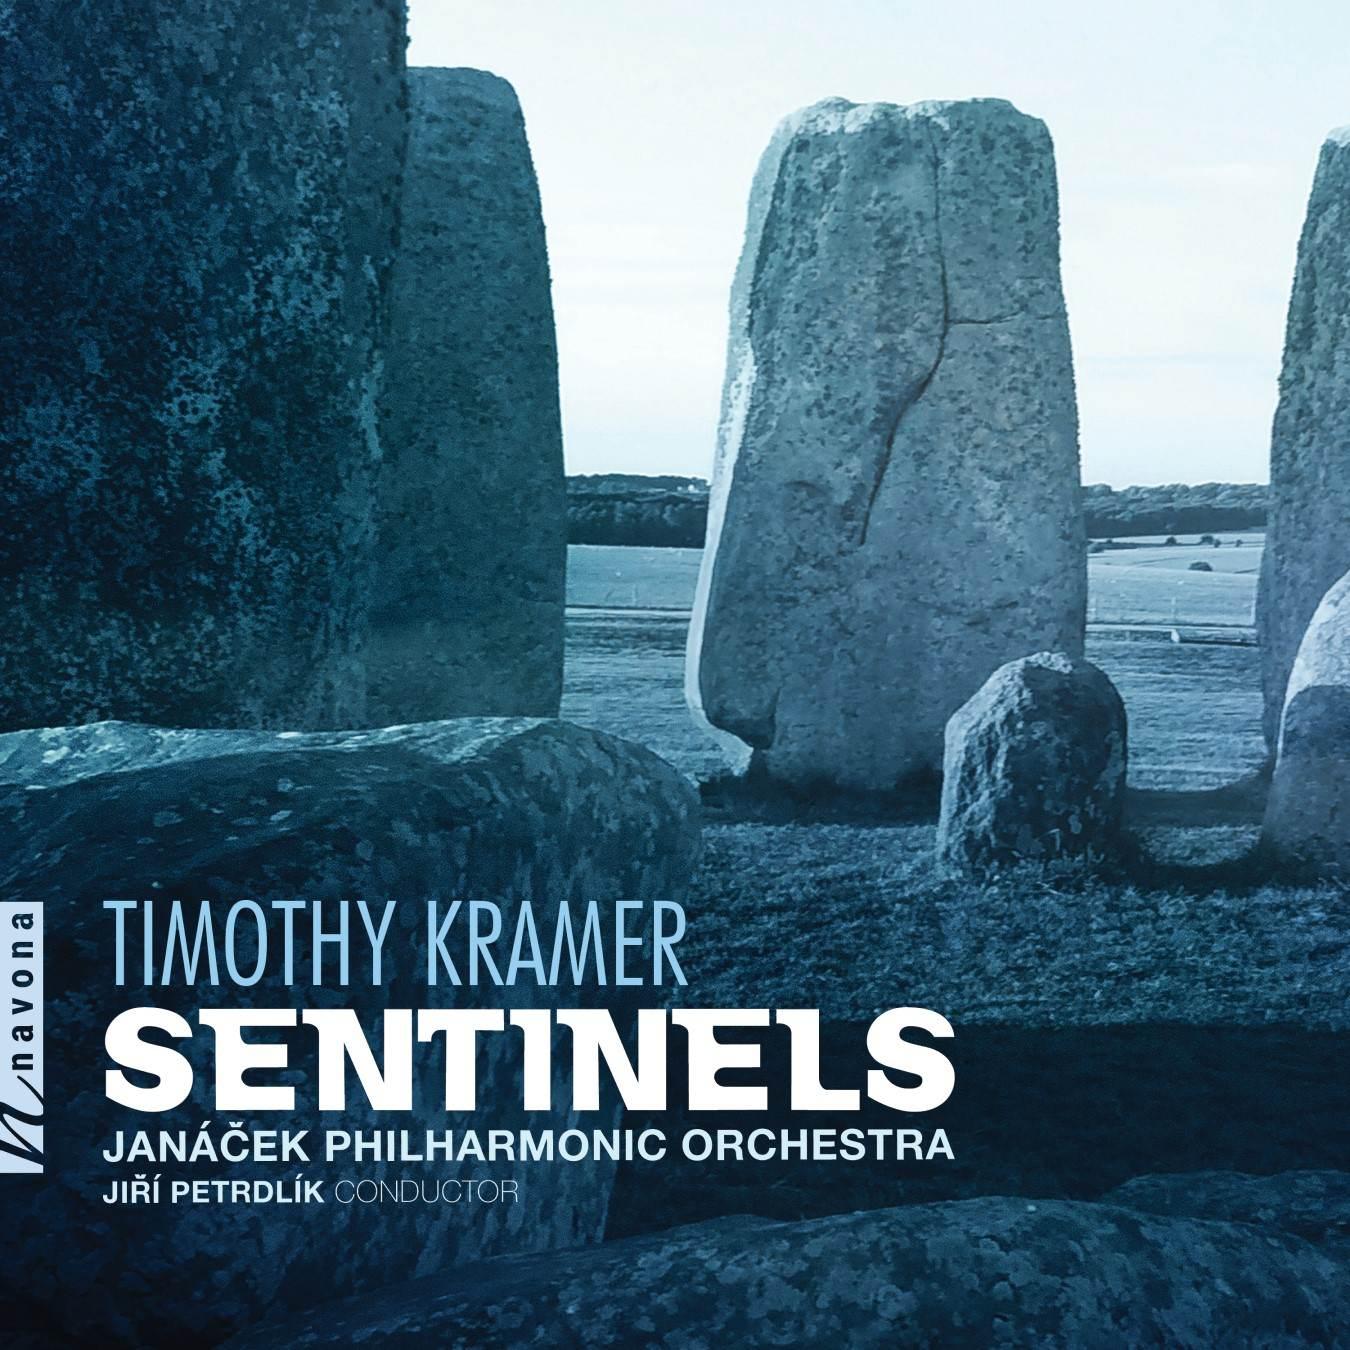 Sentinels - Tim Kramer - Album Cover